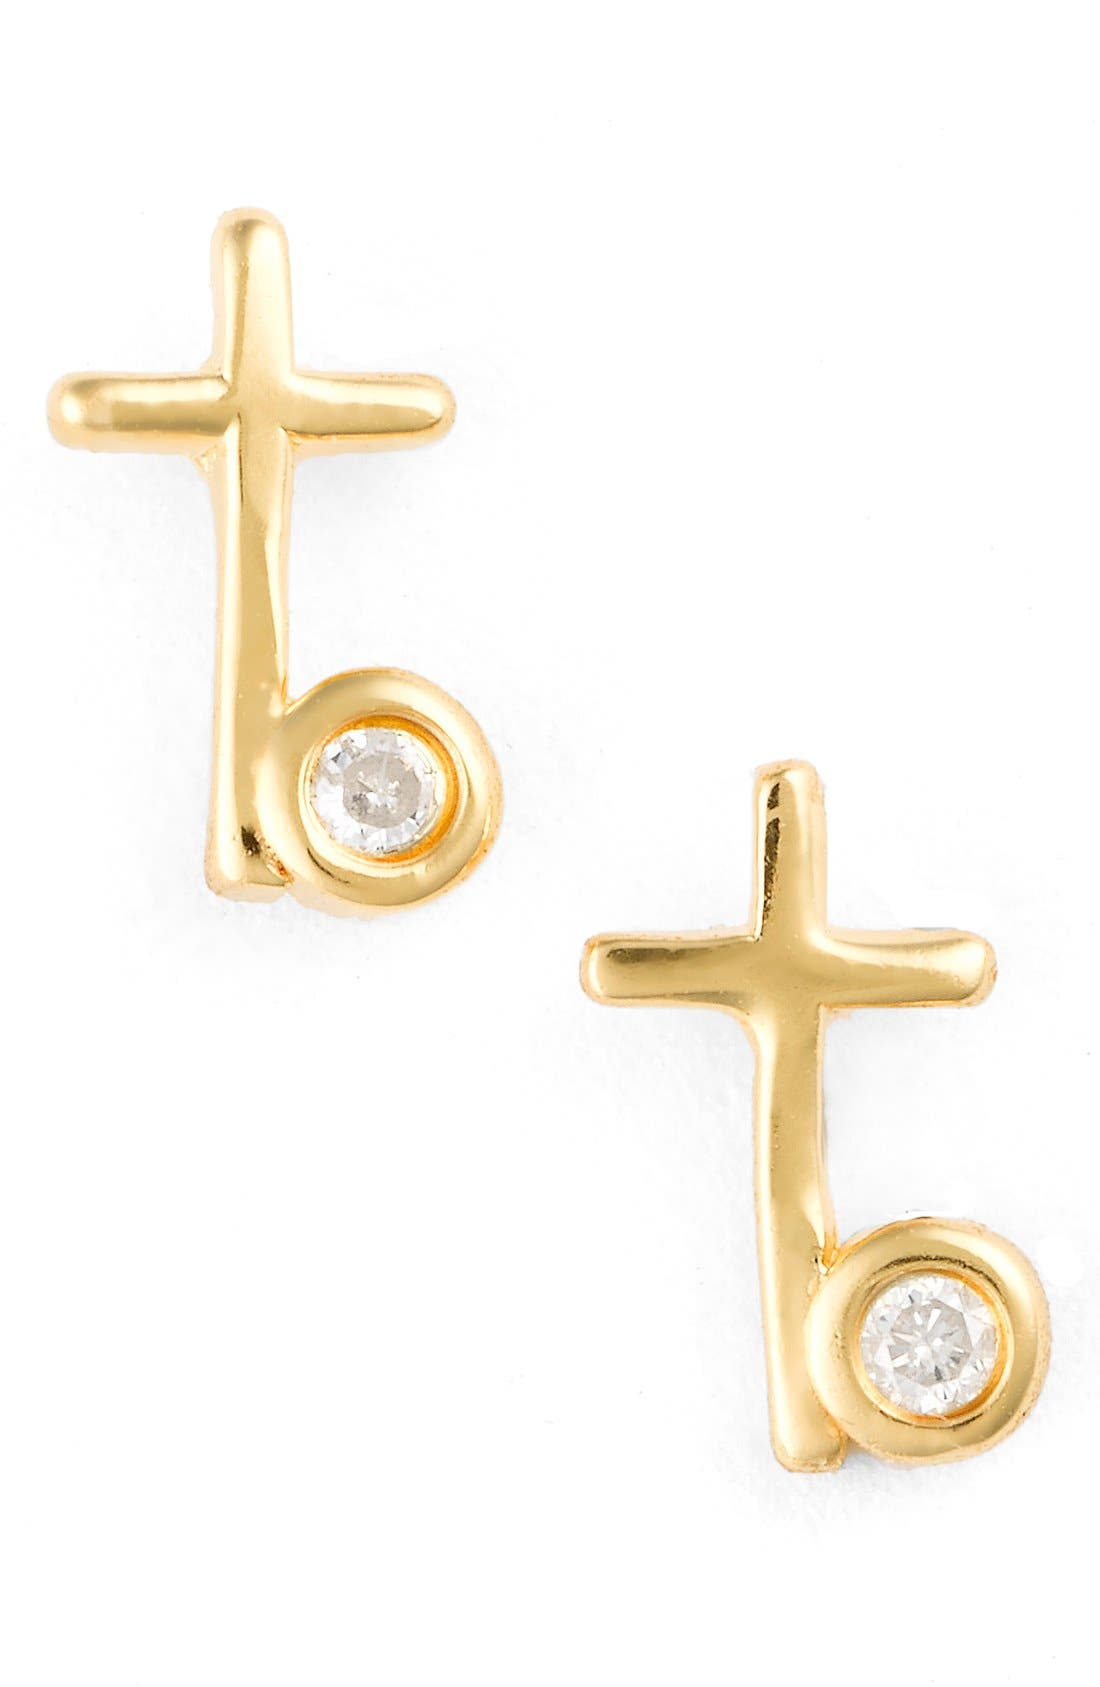 Main Image - Shy by SE Cross Stud Earrings